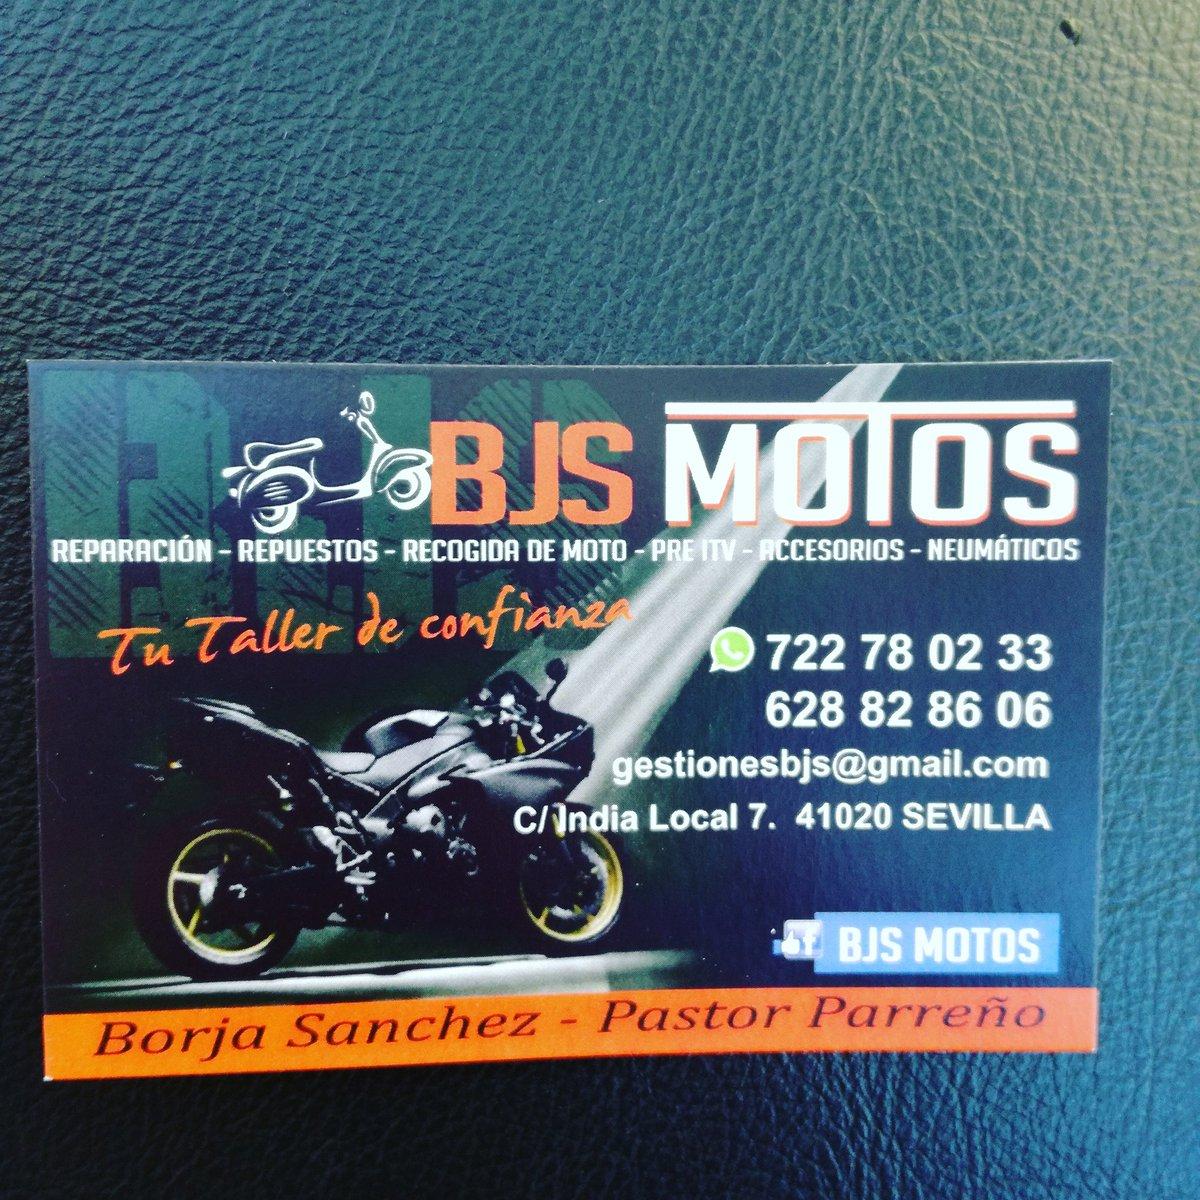 Tarjetas de presentación taller de motos